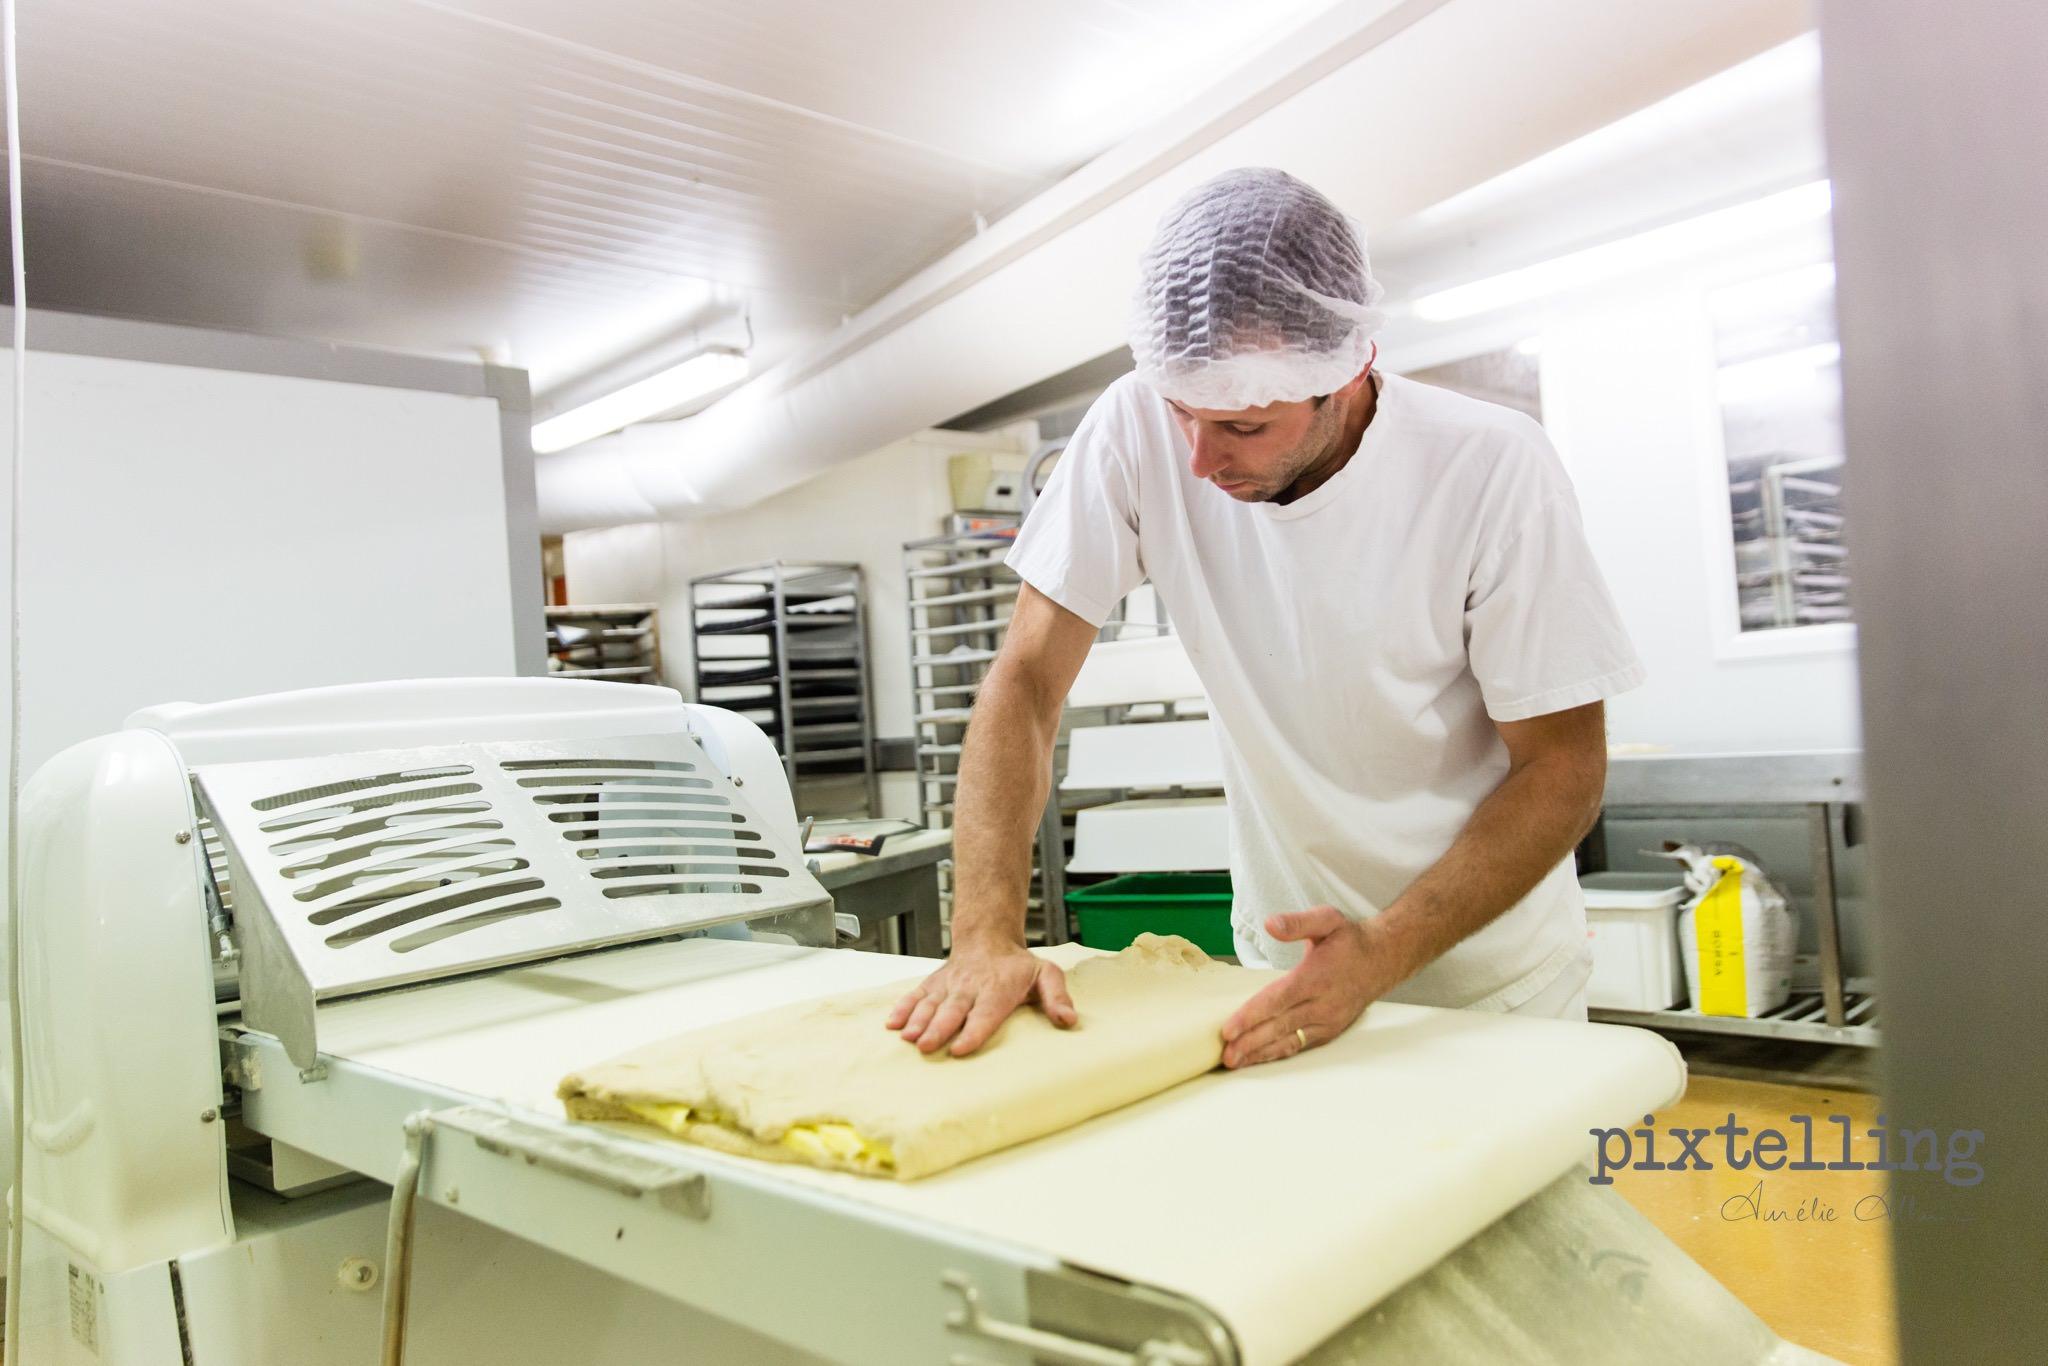 photo préparation croissants pixtelling grenoble